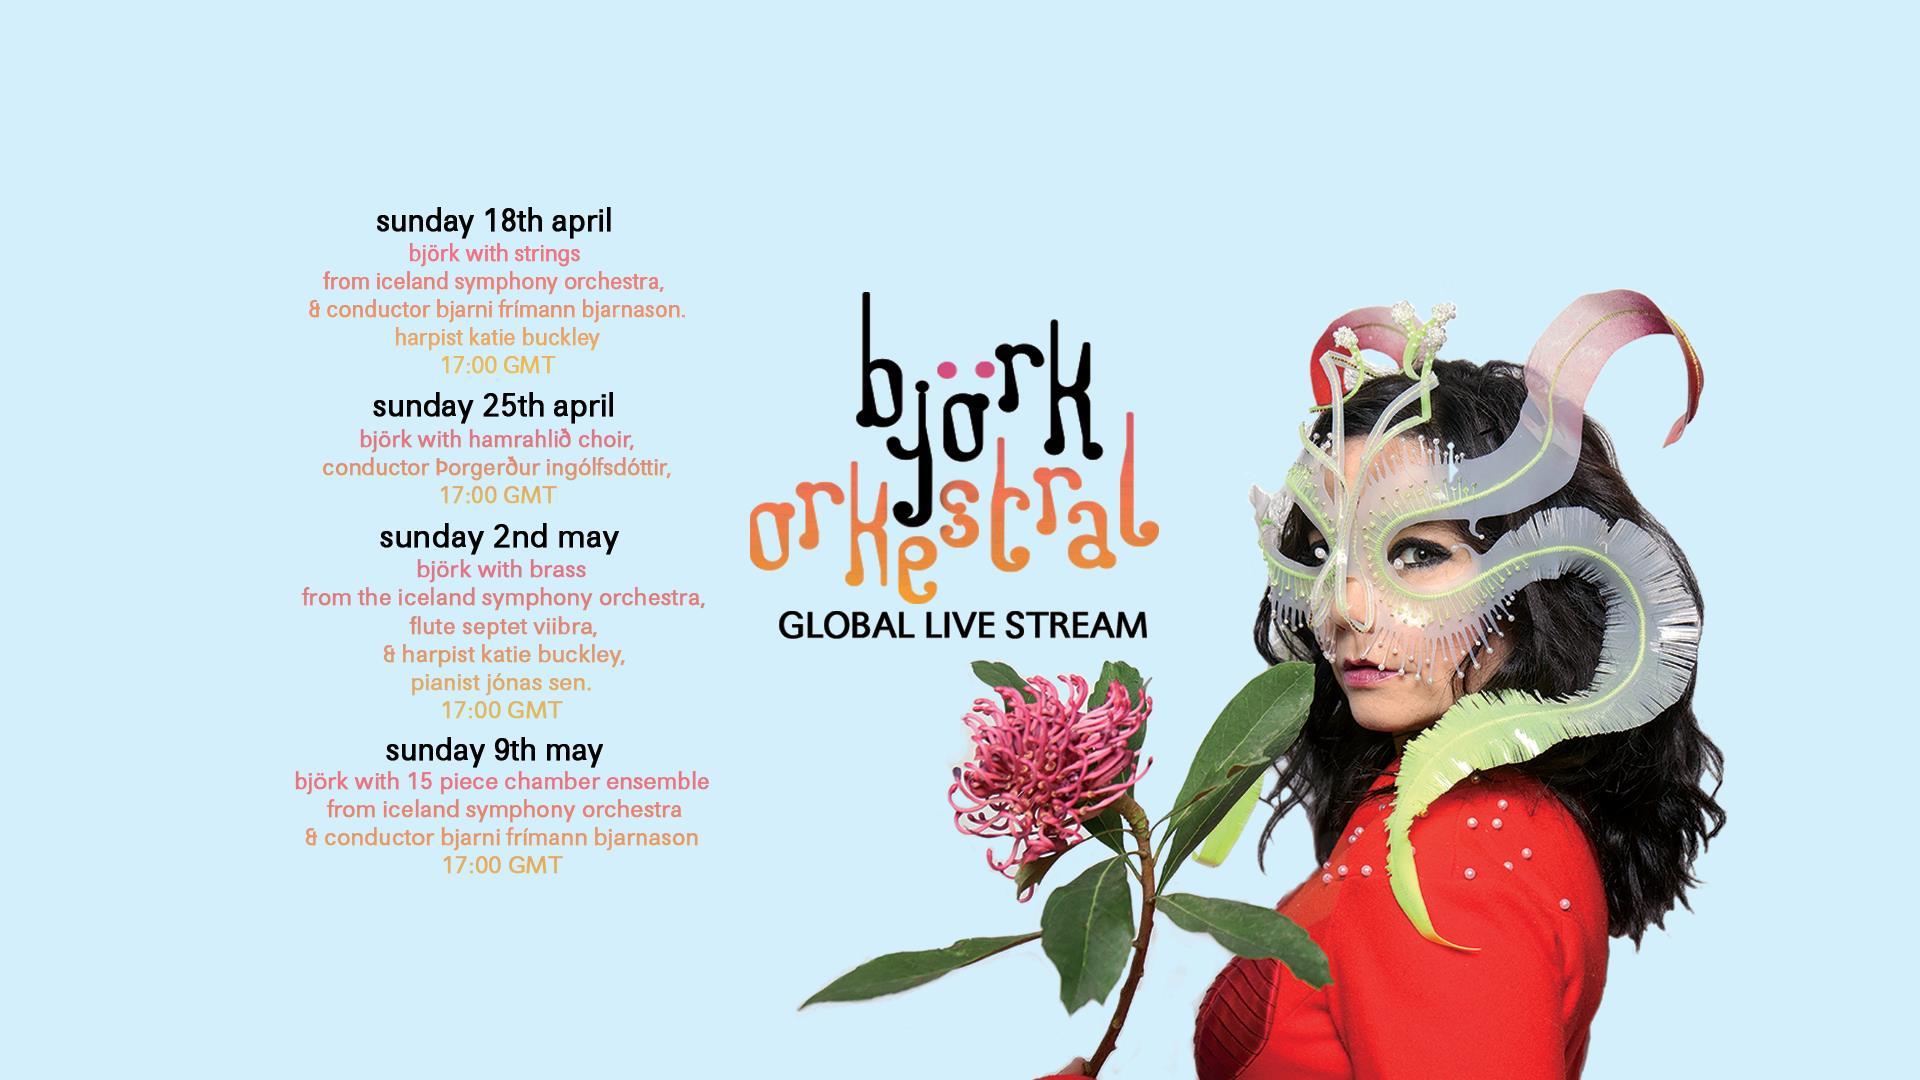 Björk Orchestral Global Livestream